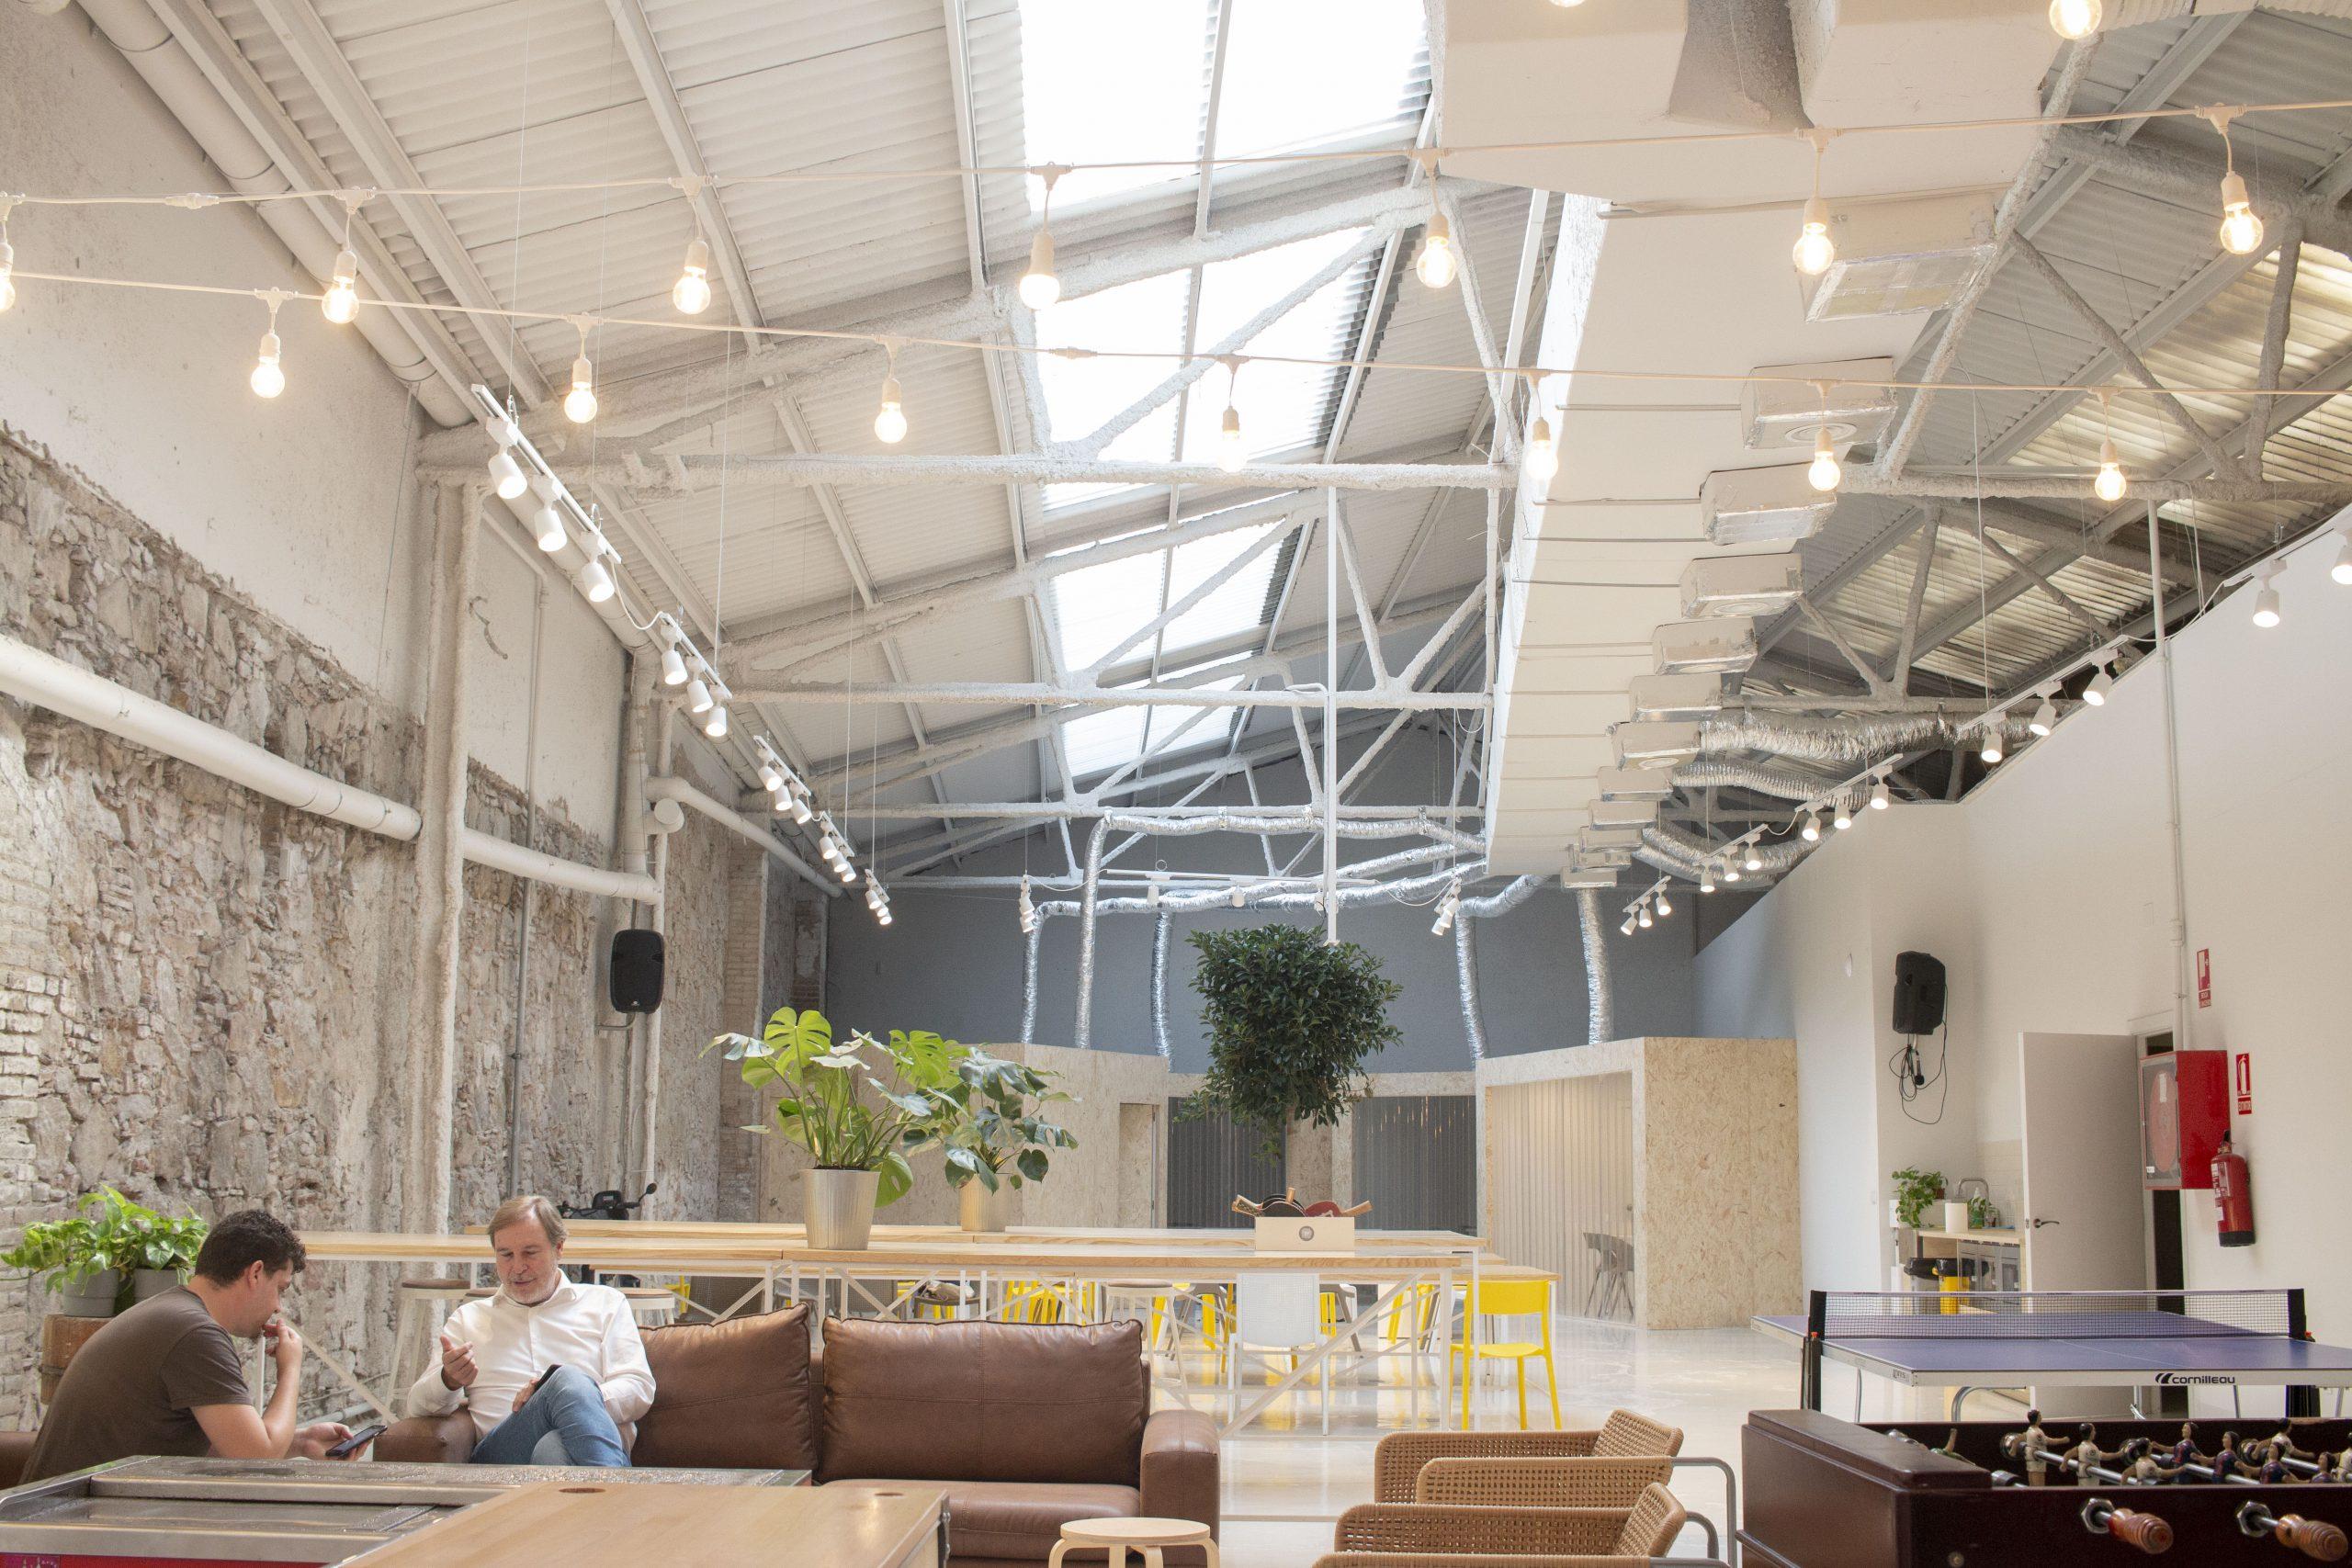 Itnig startup-ecosystem coworking Barcelona